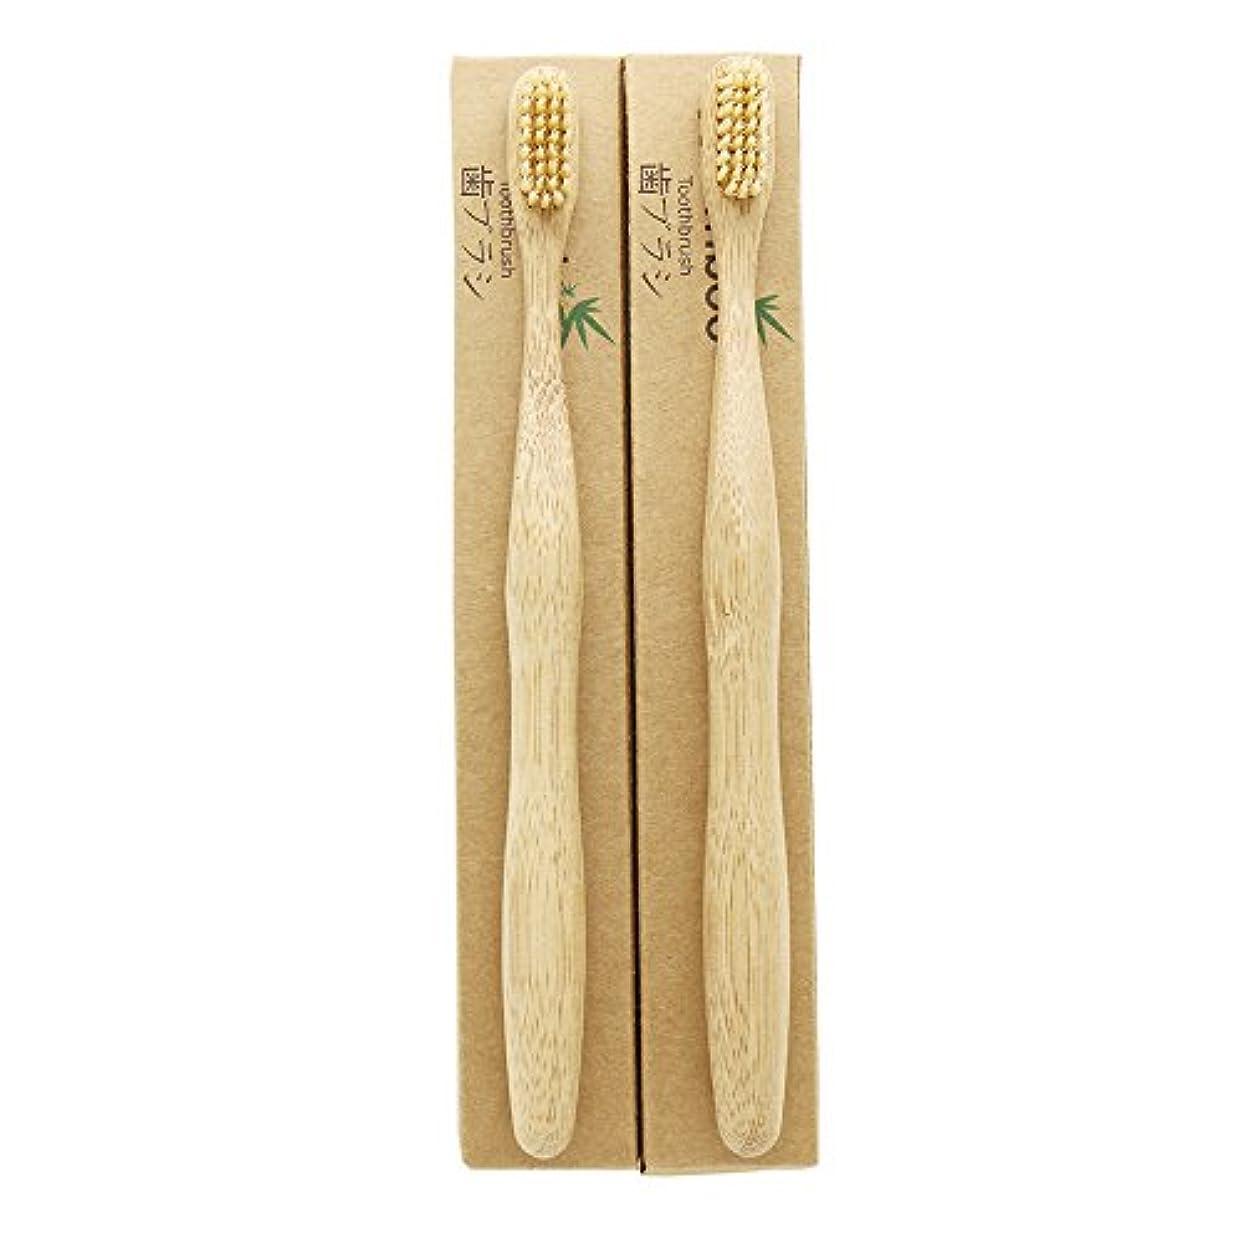 大学恨みナインへN-amboo 竹製耐久度高い 歯ブラシ ハンドル大きい 2本入りセット ベージュ